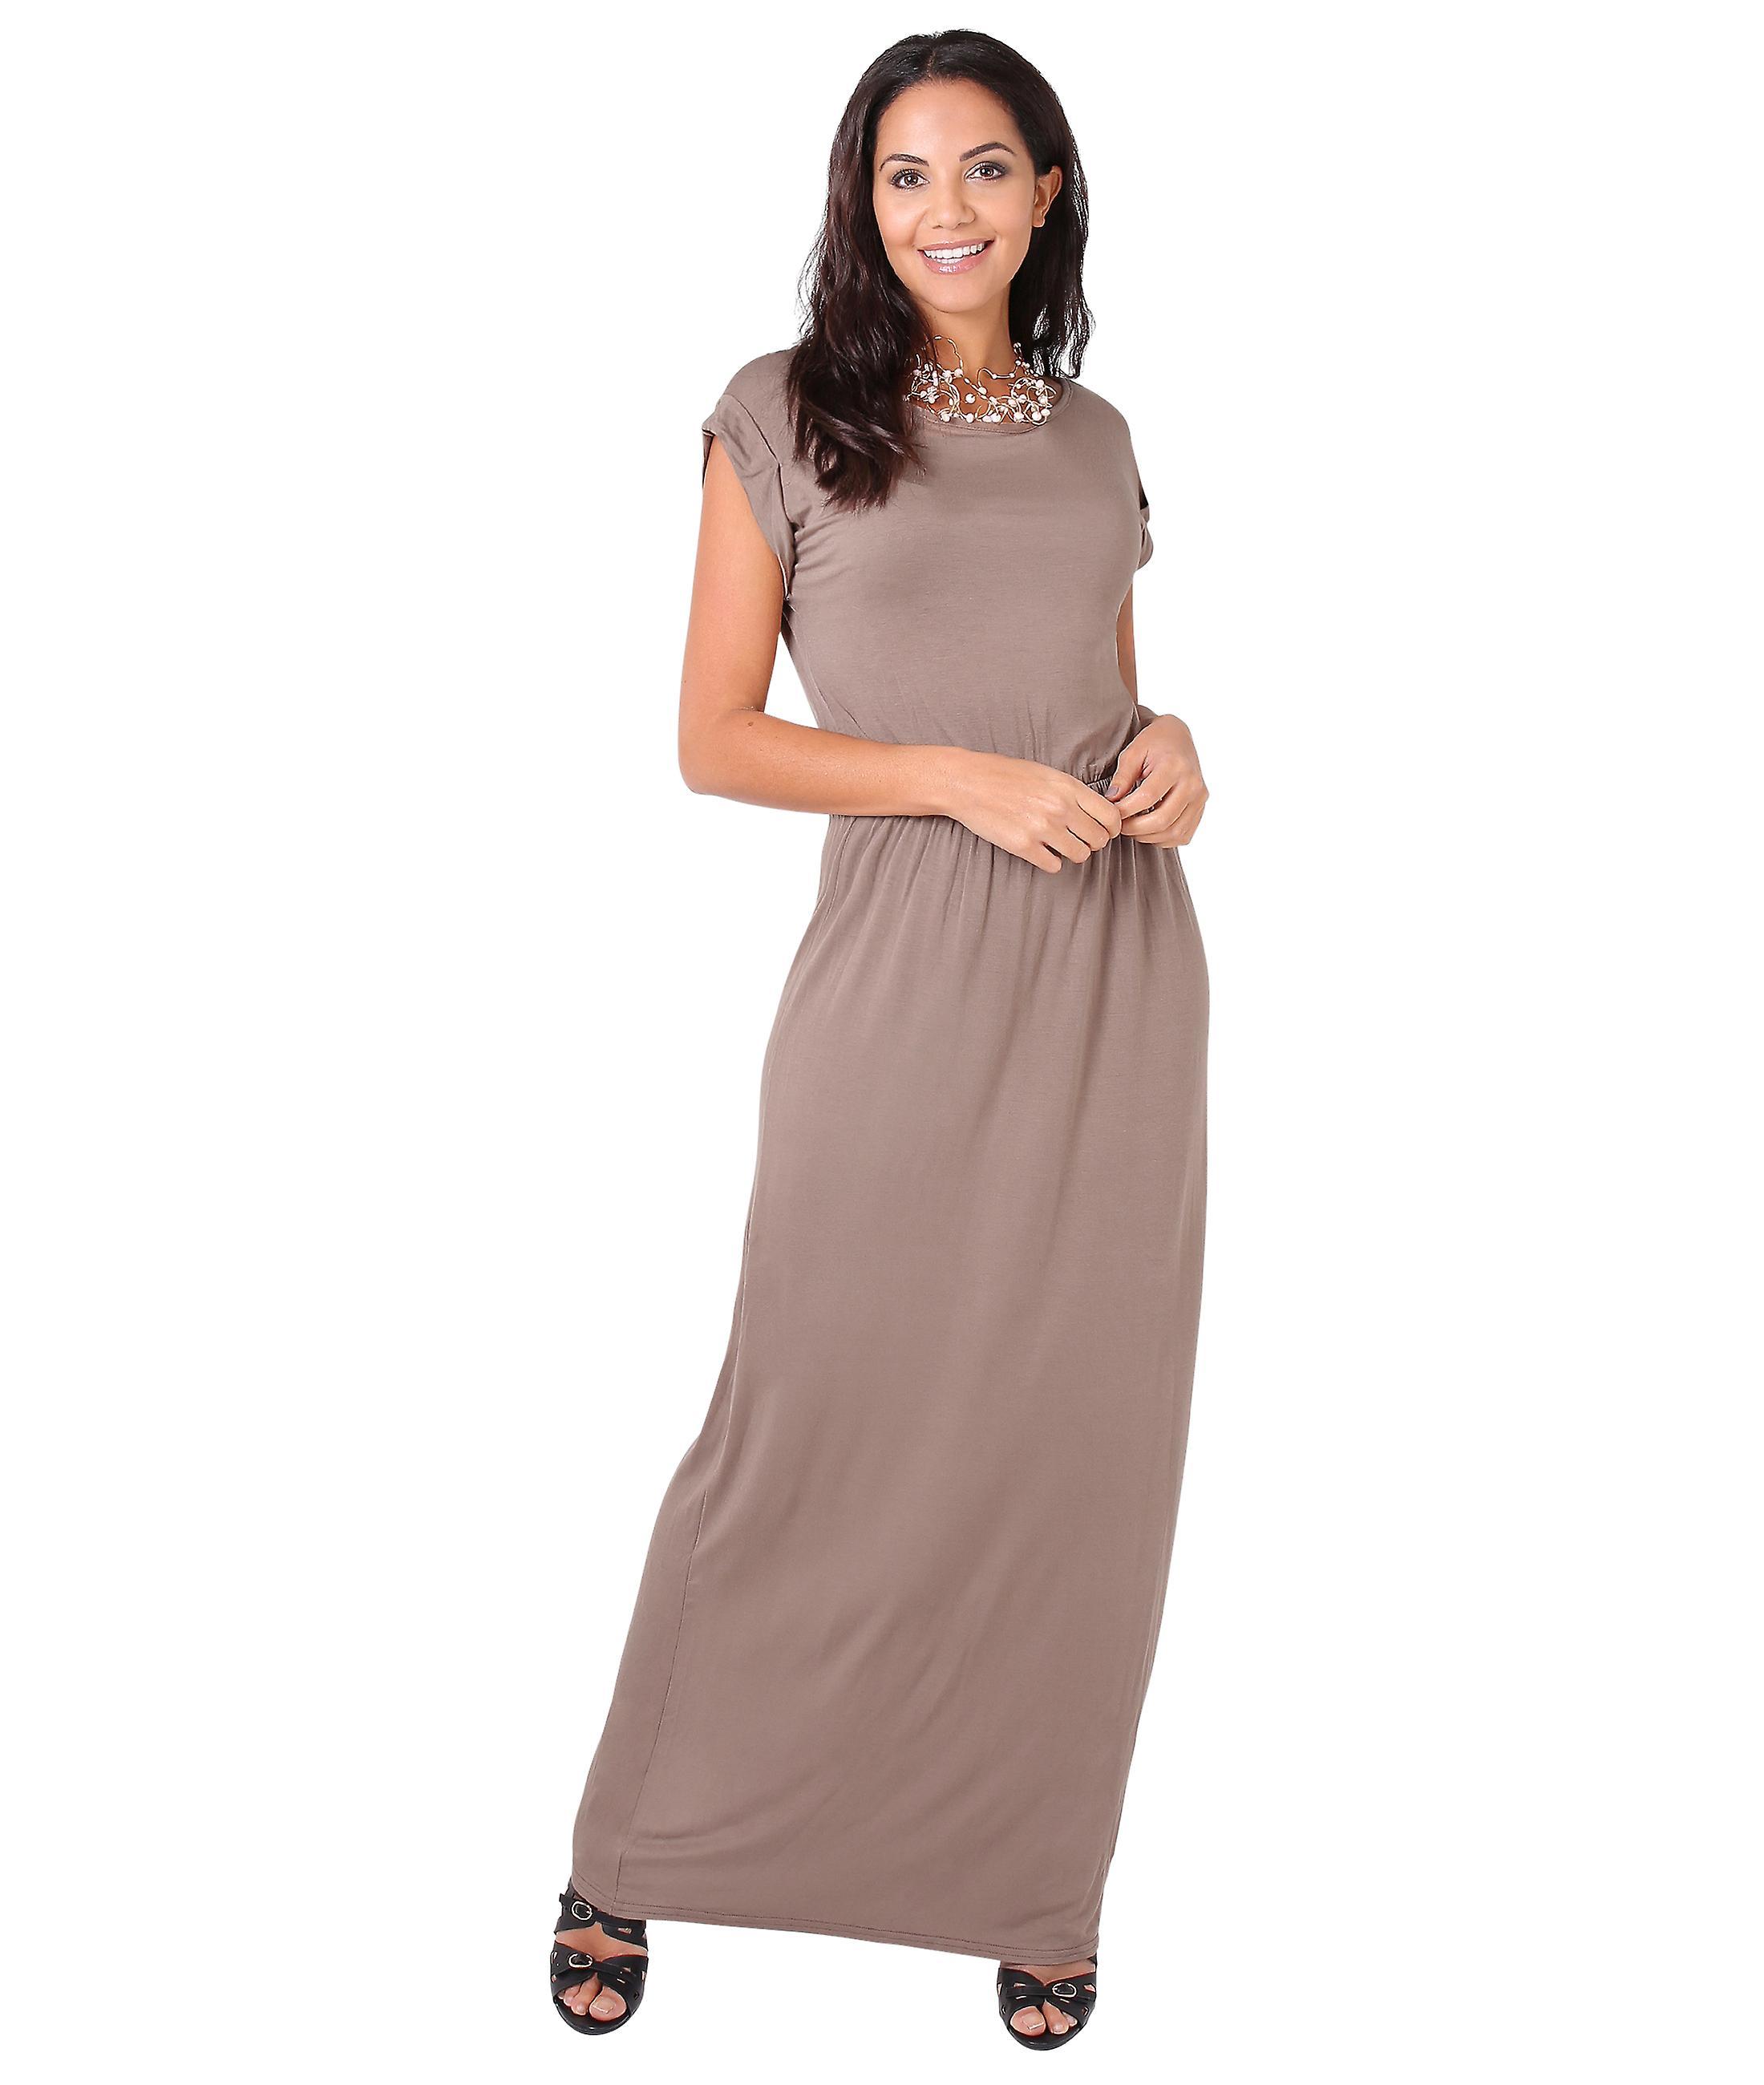 52c7950235e KRISP KRISP skru opp Batwing ermet høy midje lang Jersey Maxi kjole fest  sommer 3269